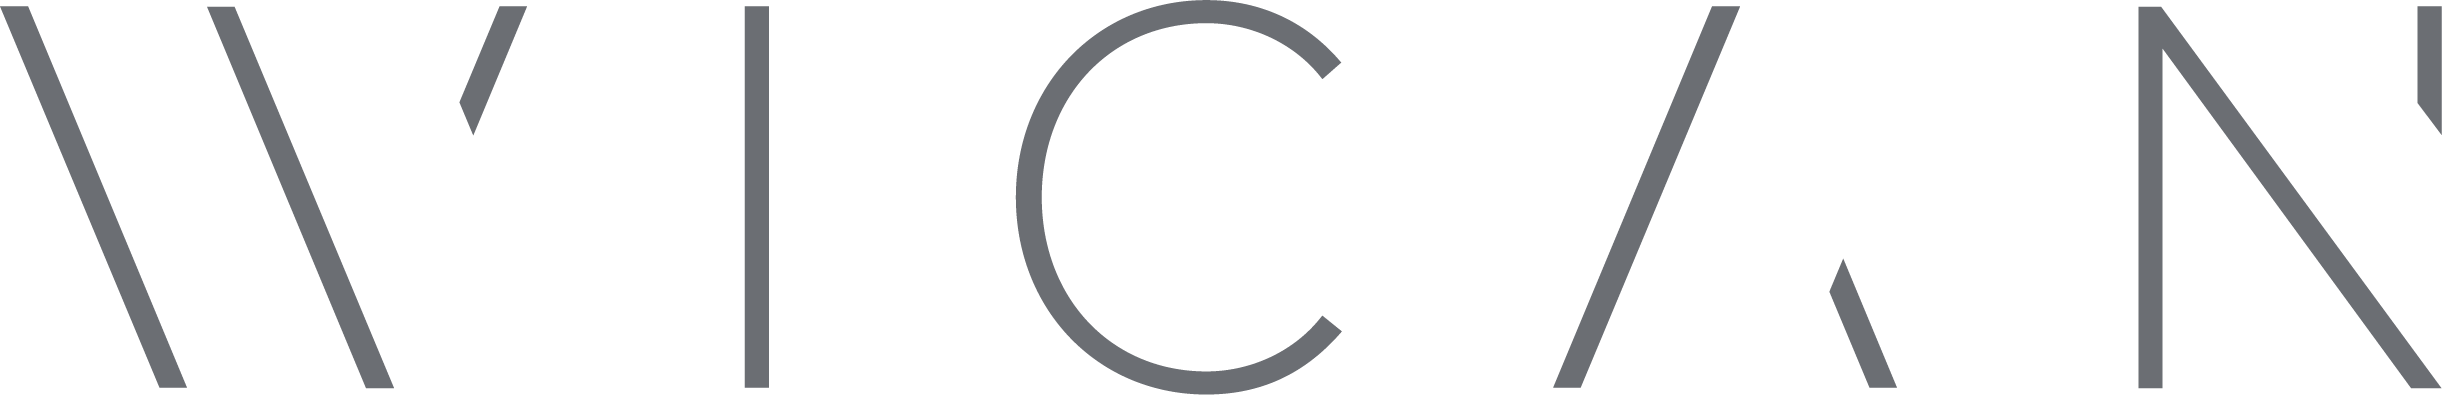 wican logo med grå tekst